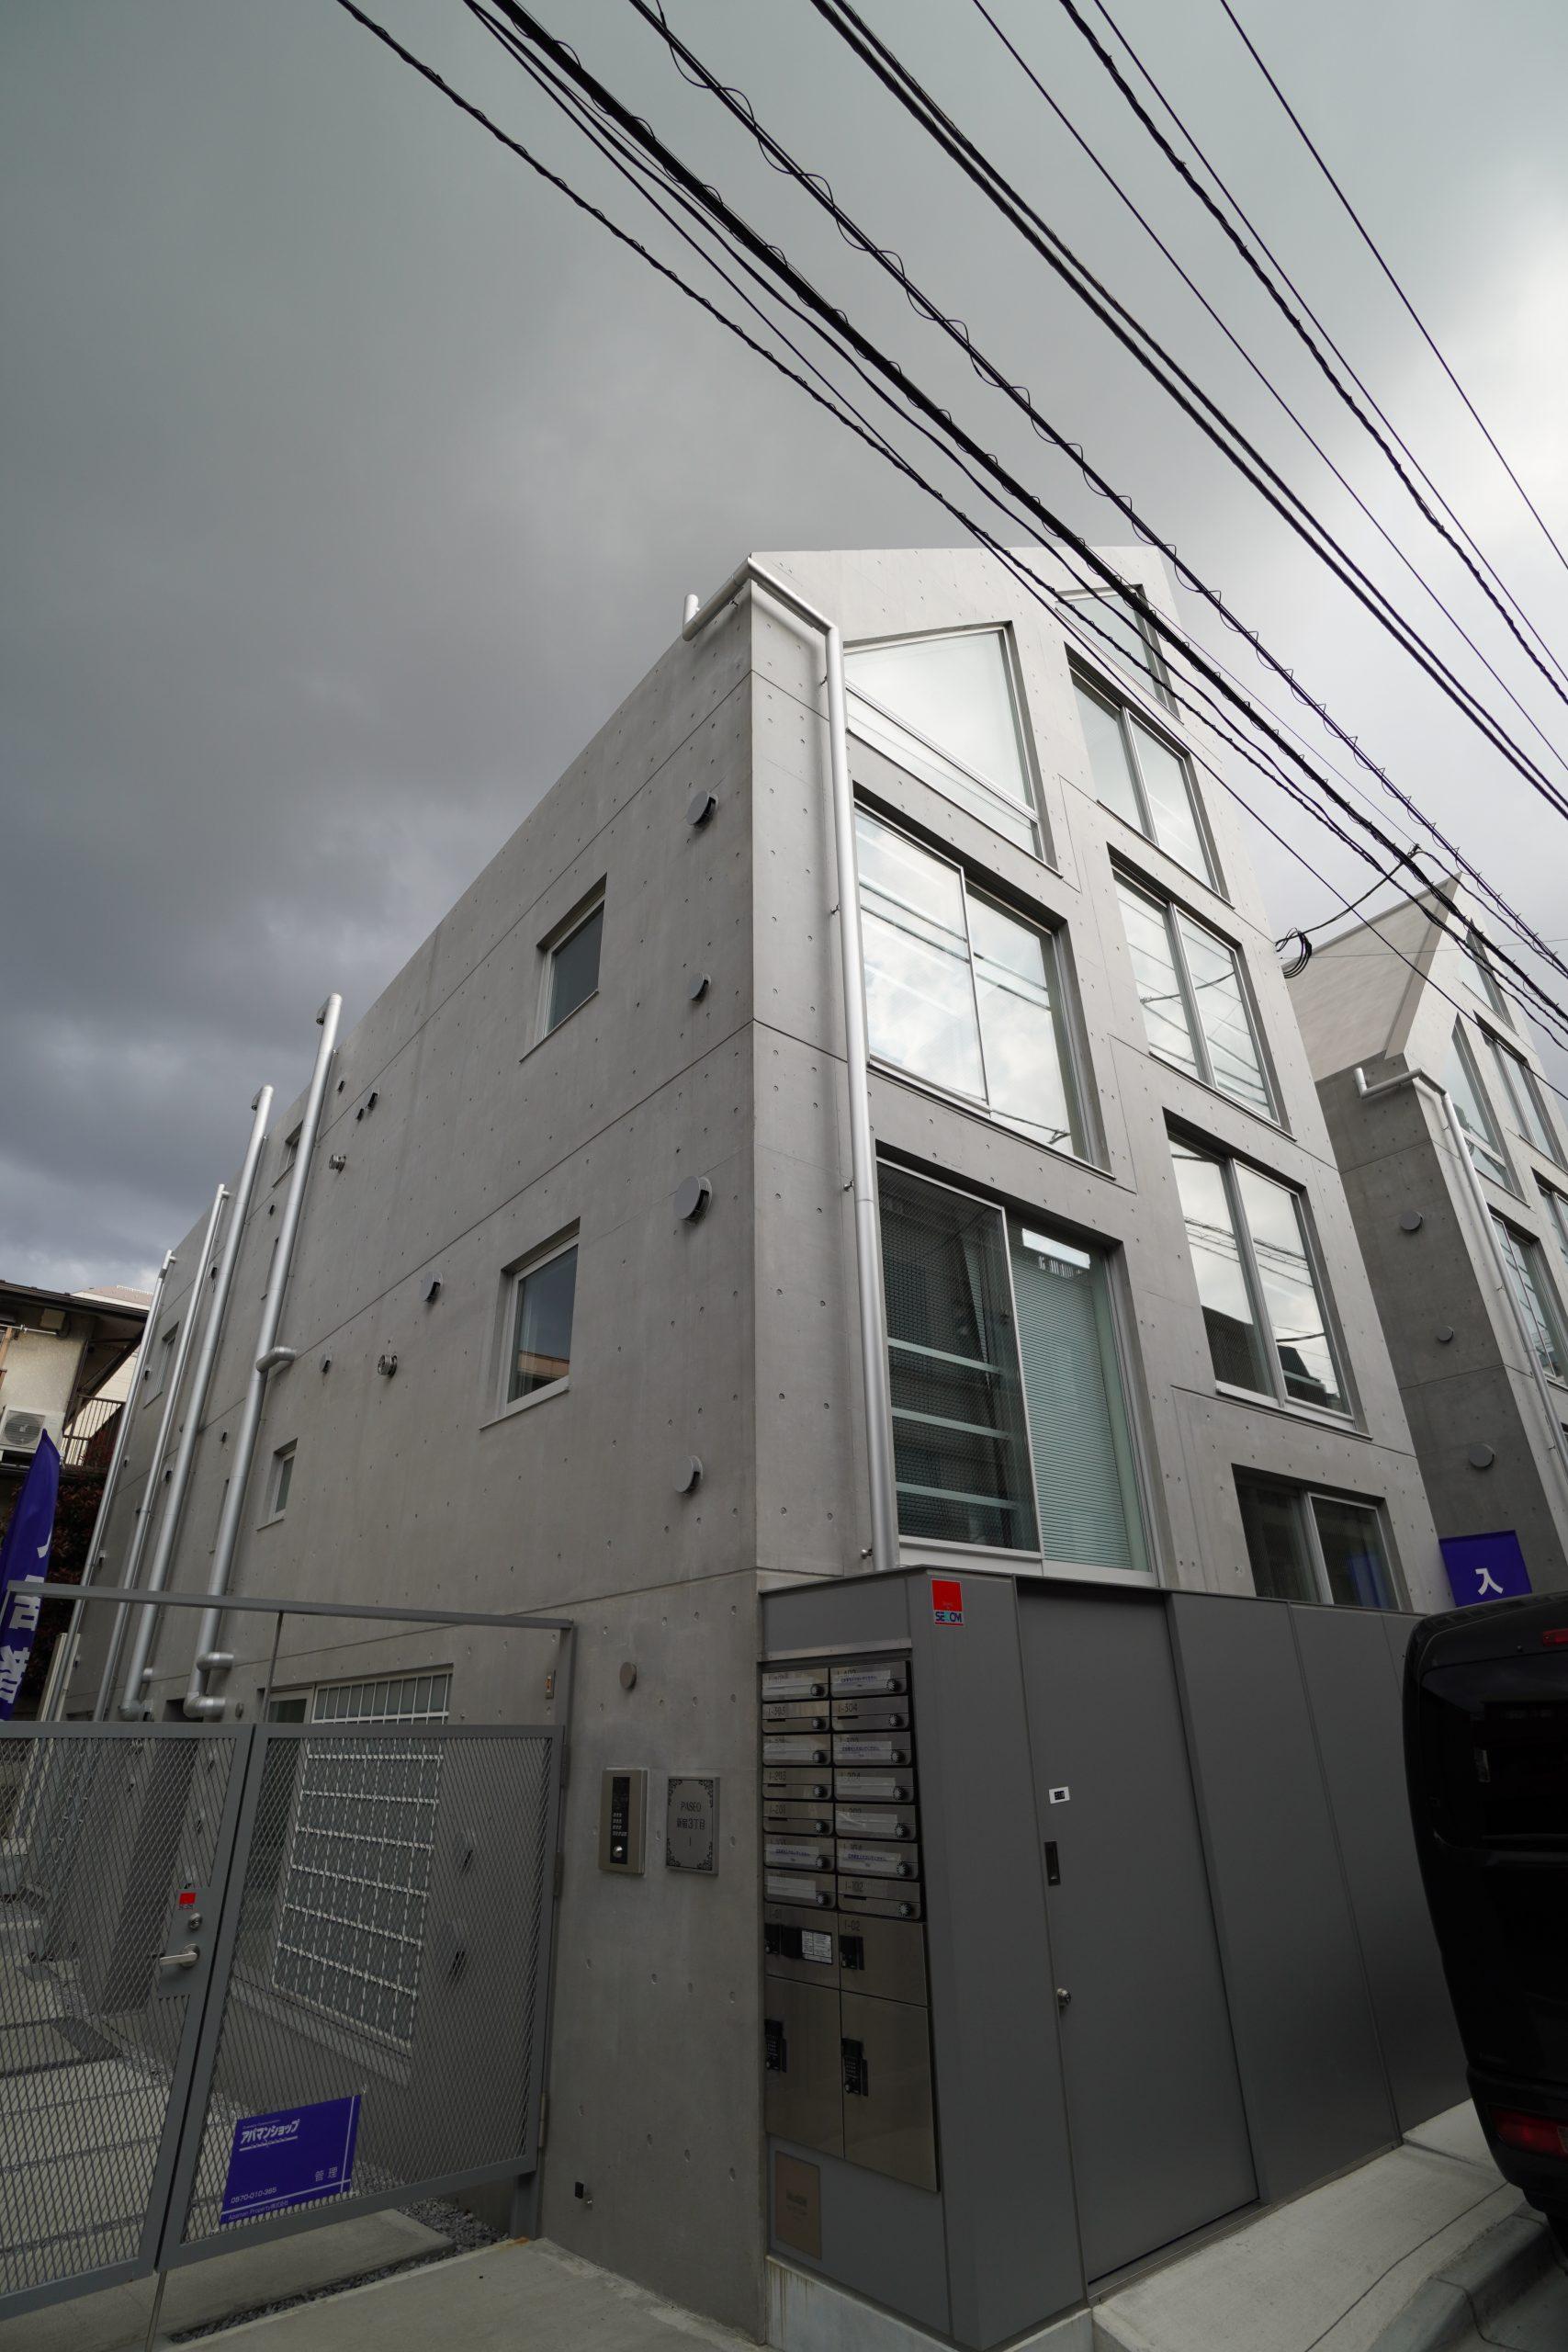 PASEO新宿三丁目Iの写真1